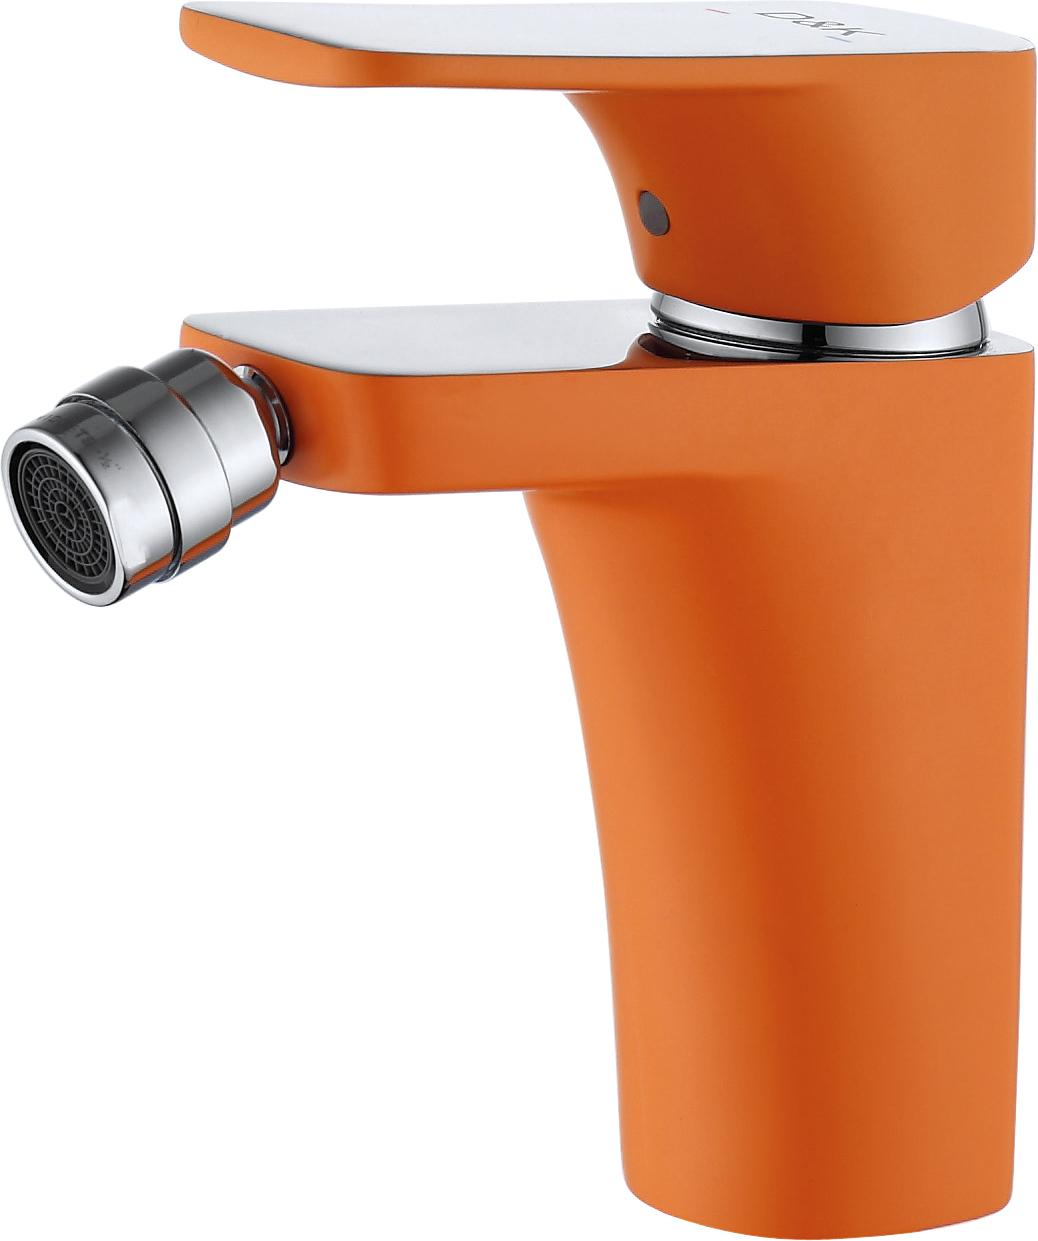 Смеситель для биде D&K Berlin.Kunste DA1432213 оранжевый-хром